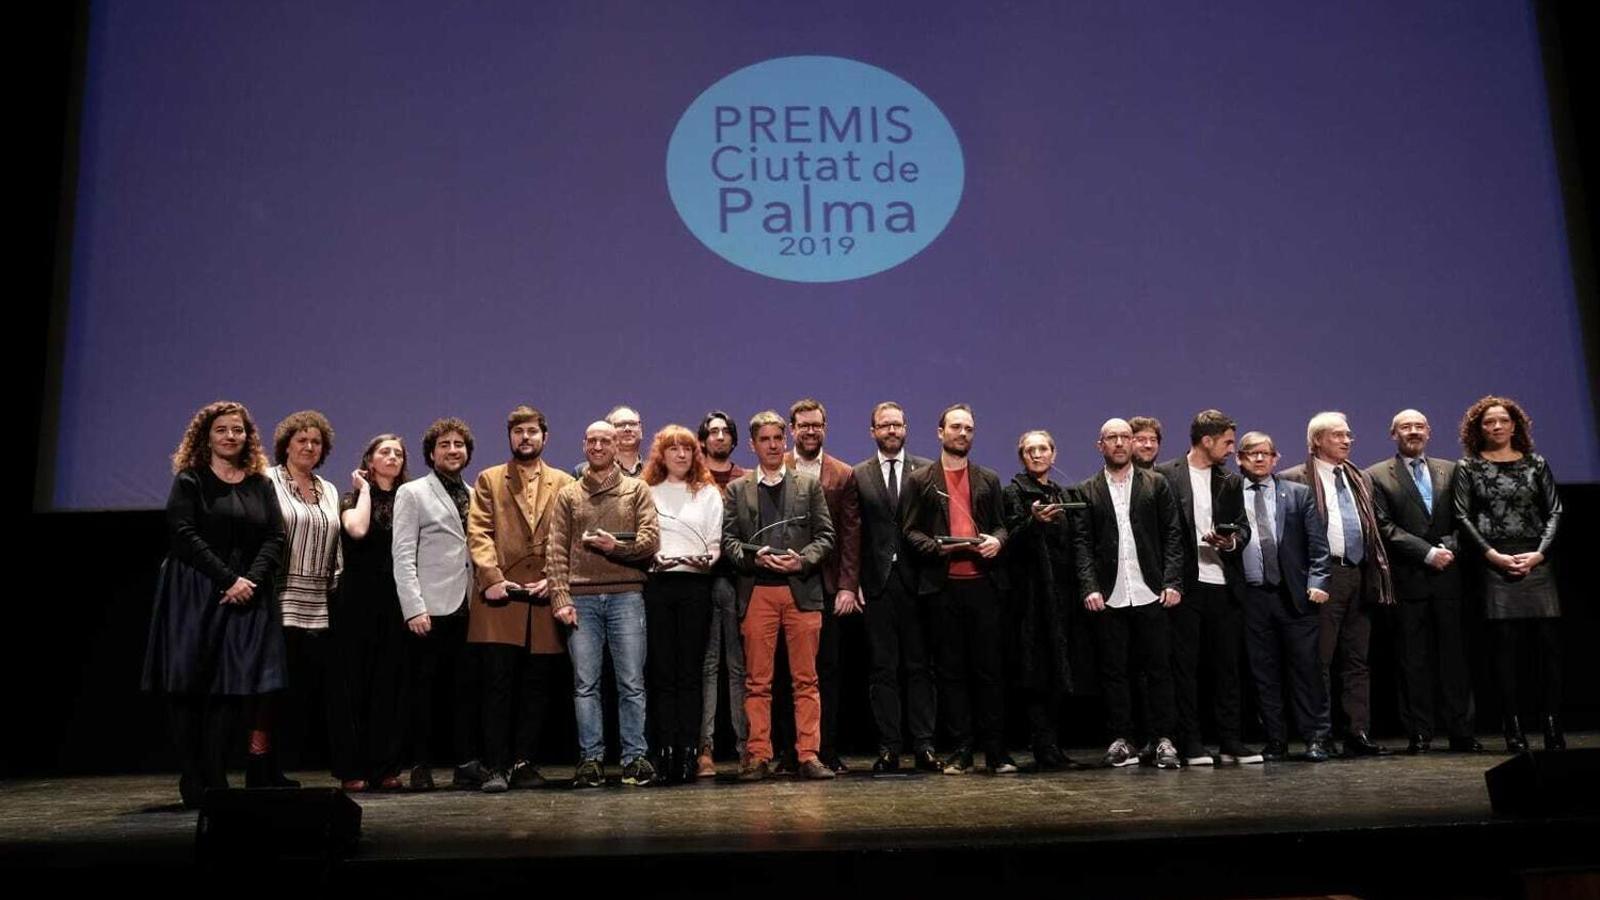 Imatge dels premiats en l'edició del 2019 dels premis Ciutat de Palma amb les autoritats polítiques.